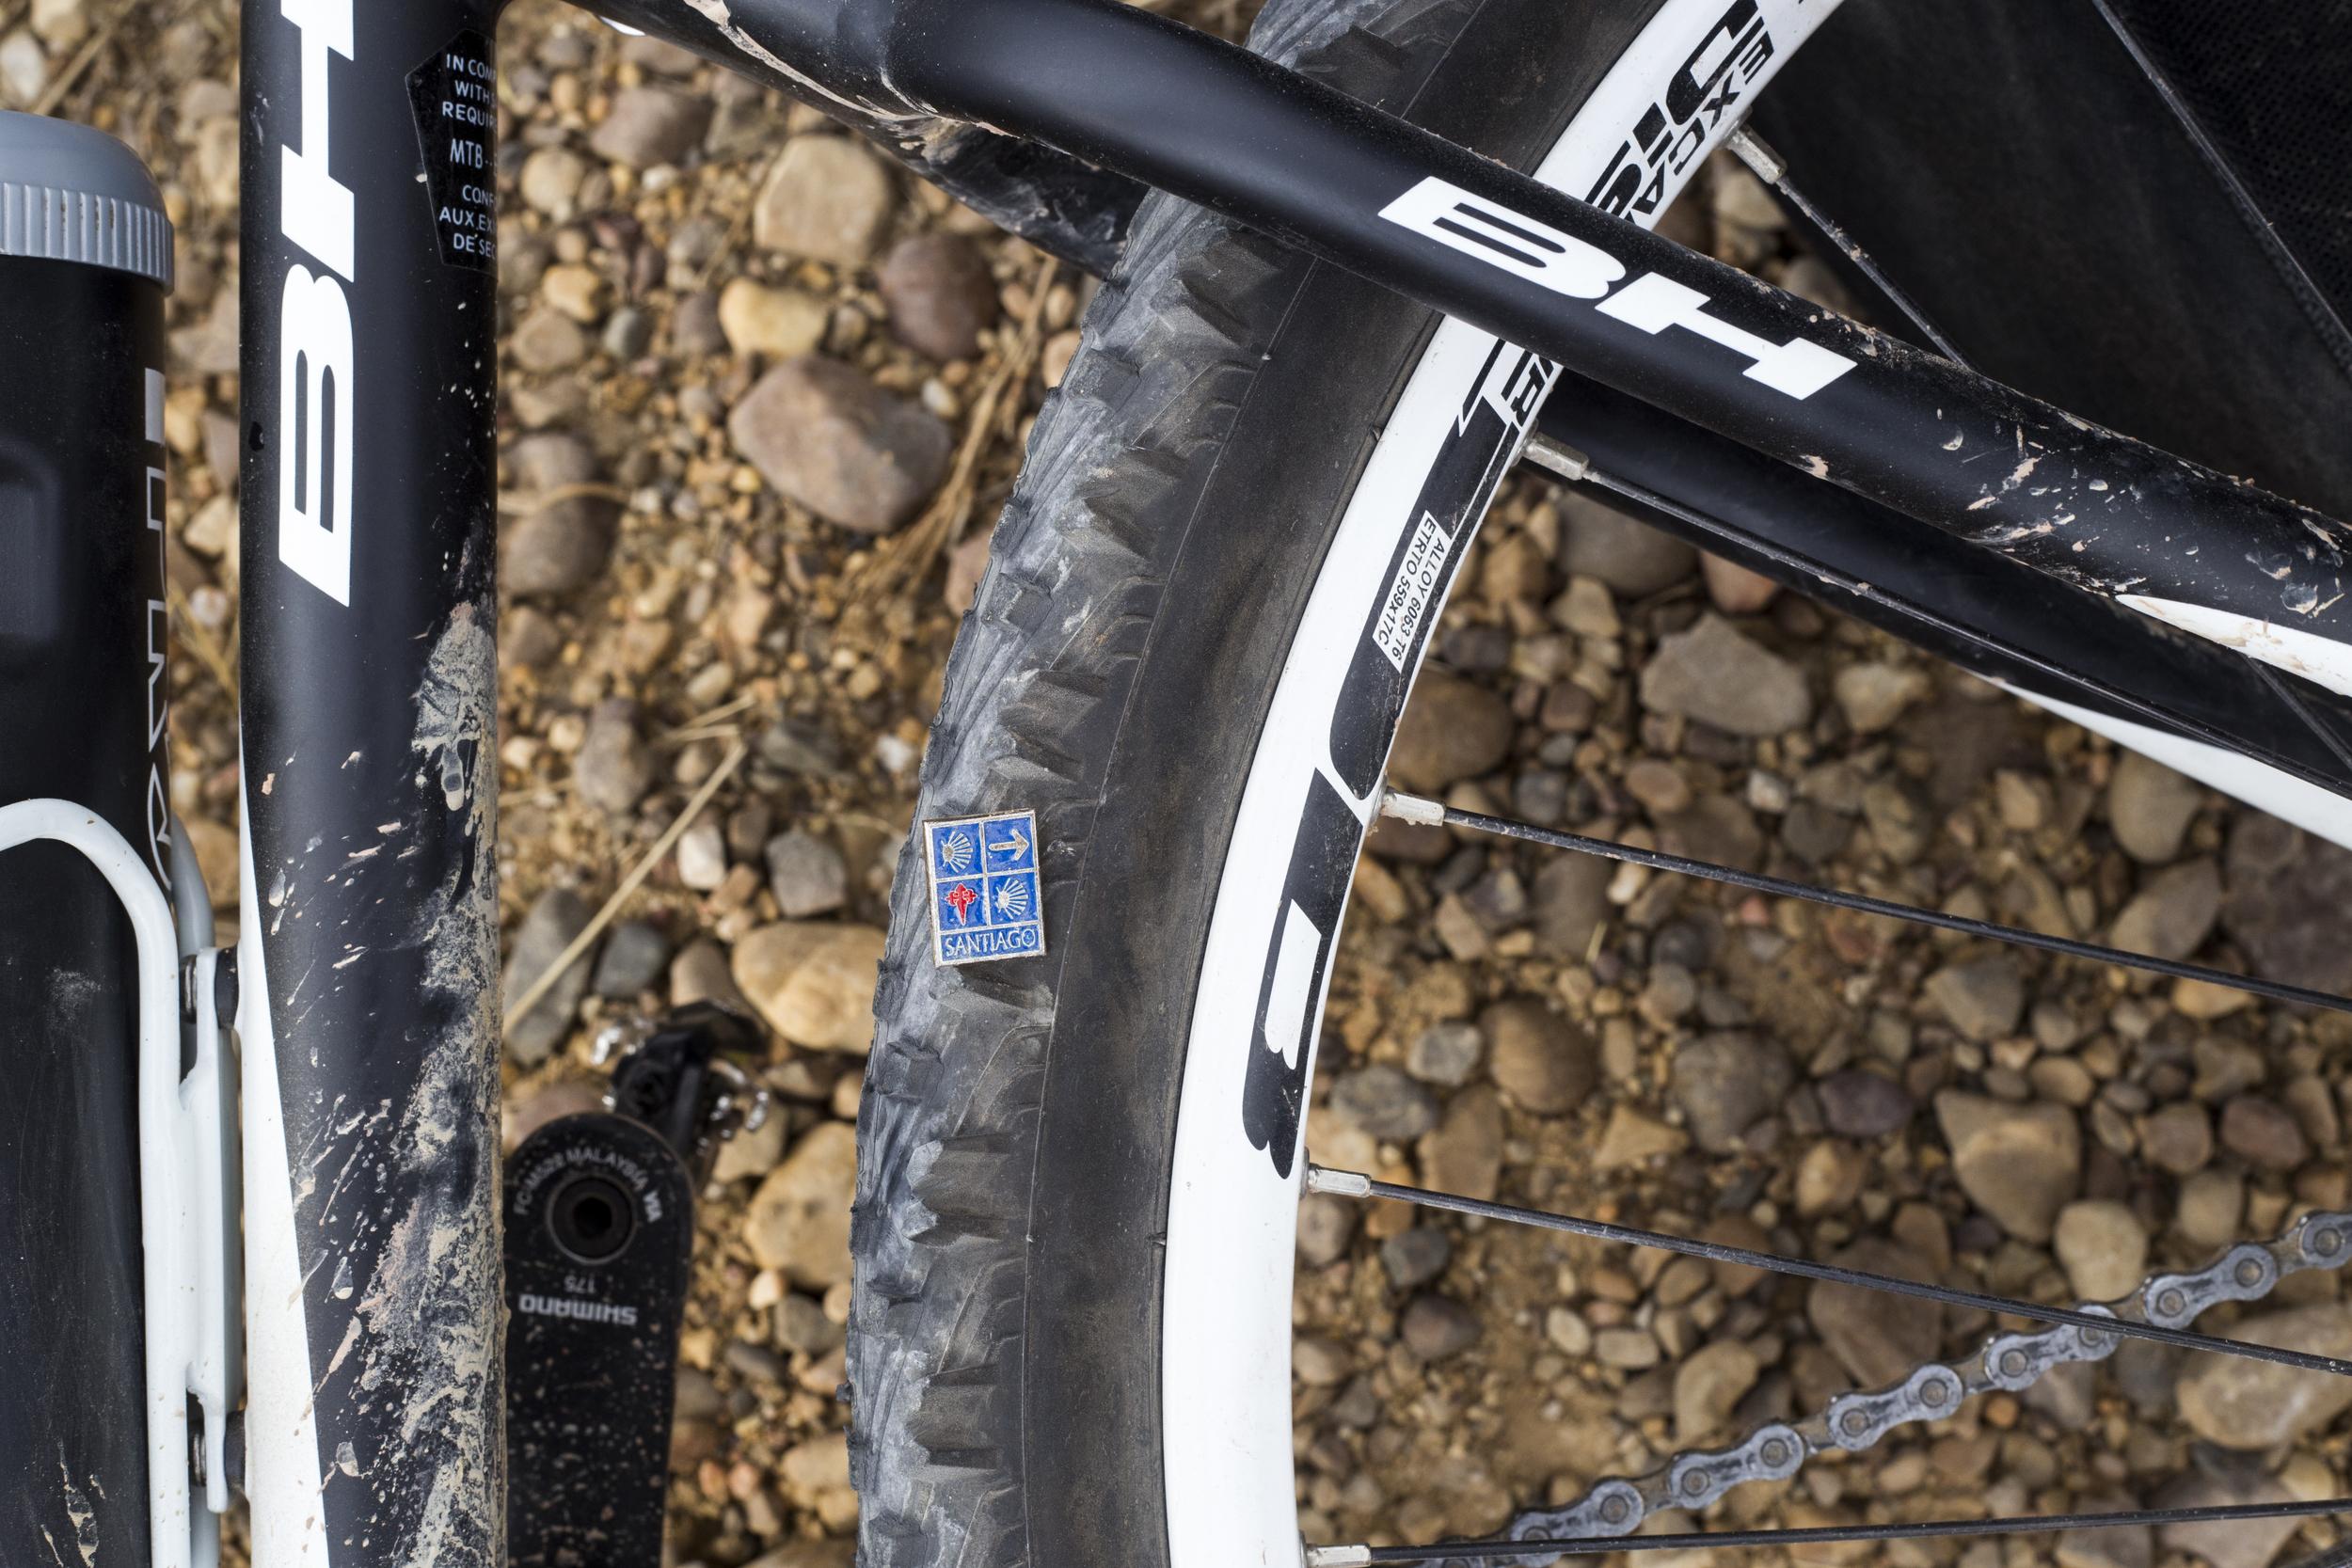 Epic Camino de Santiago Pin puncture!